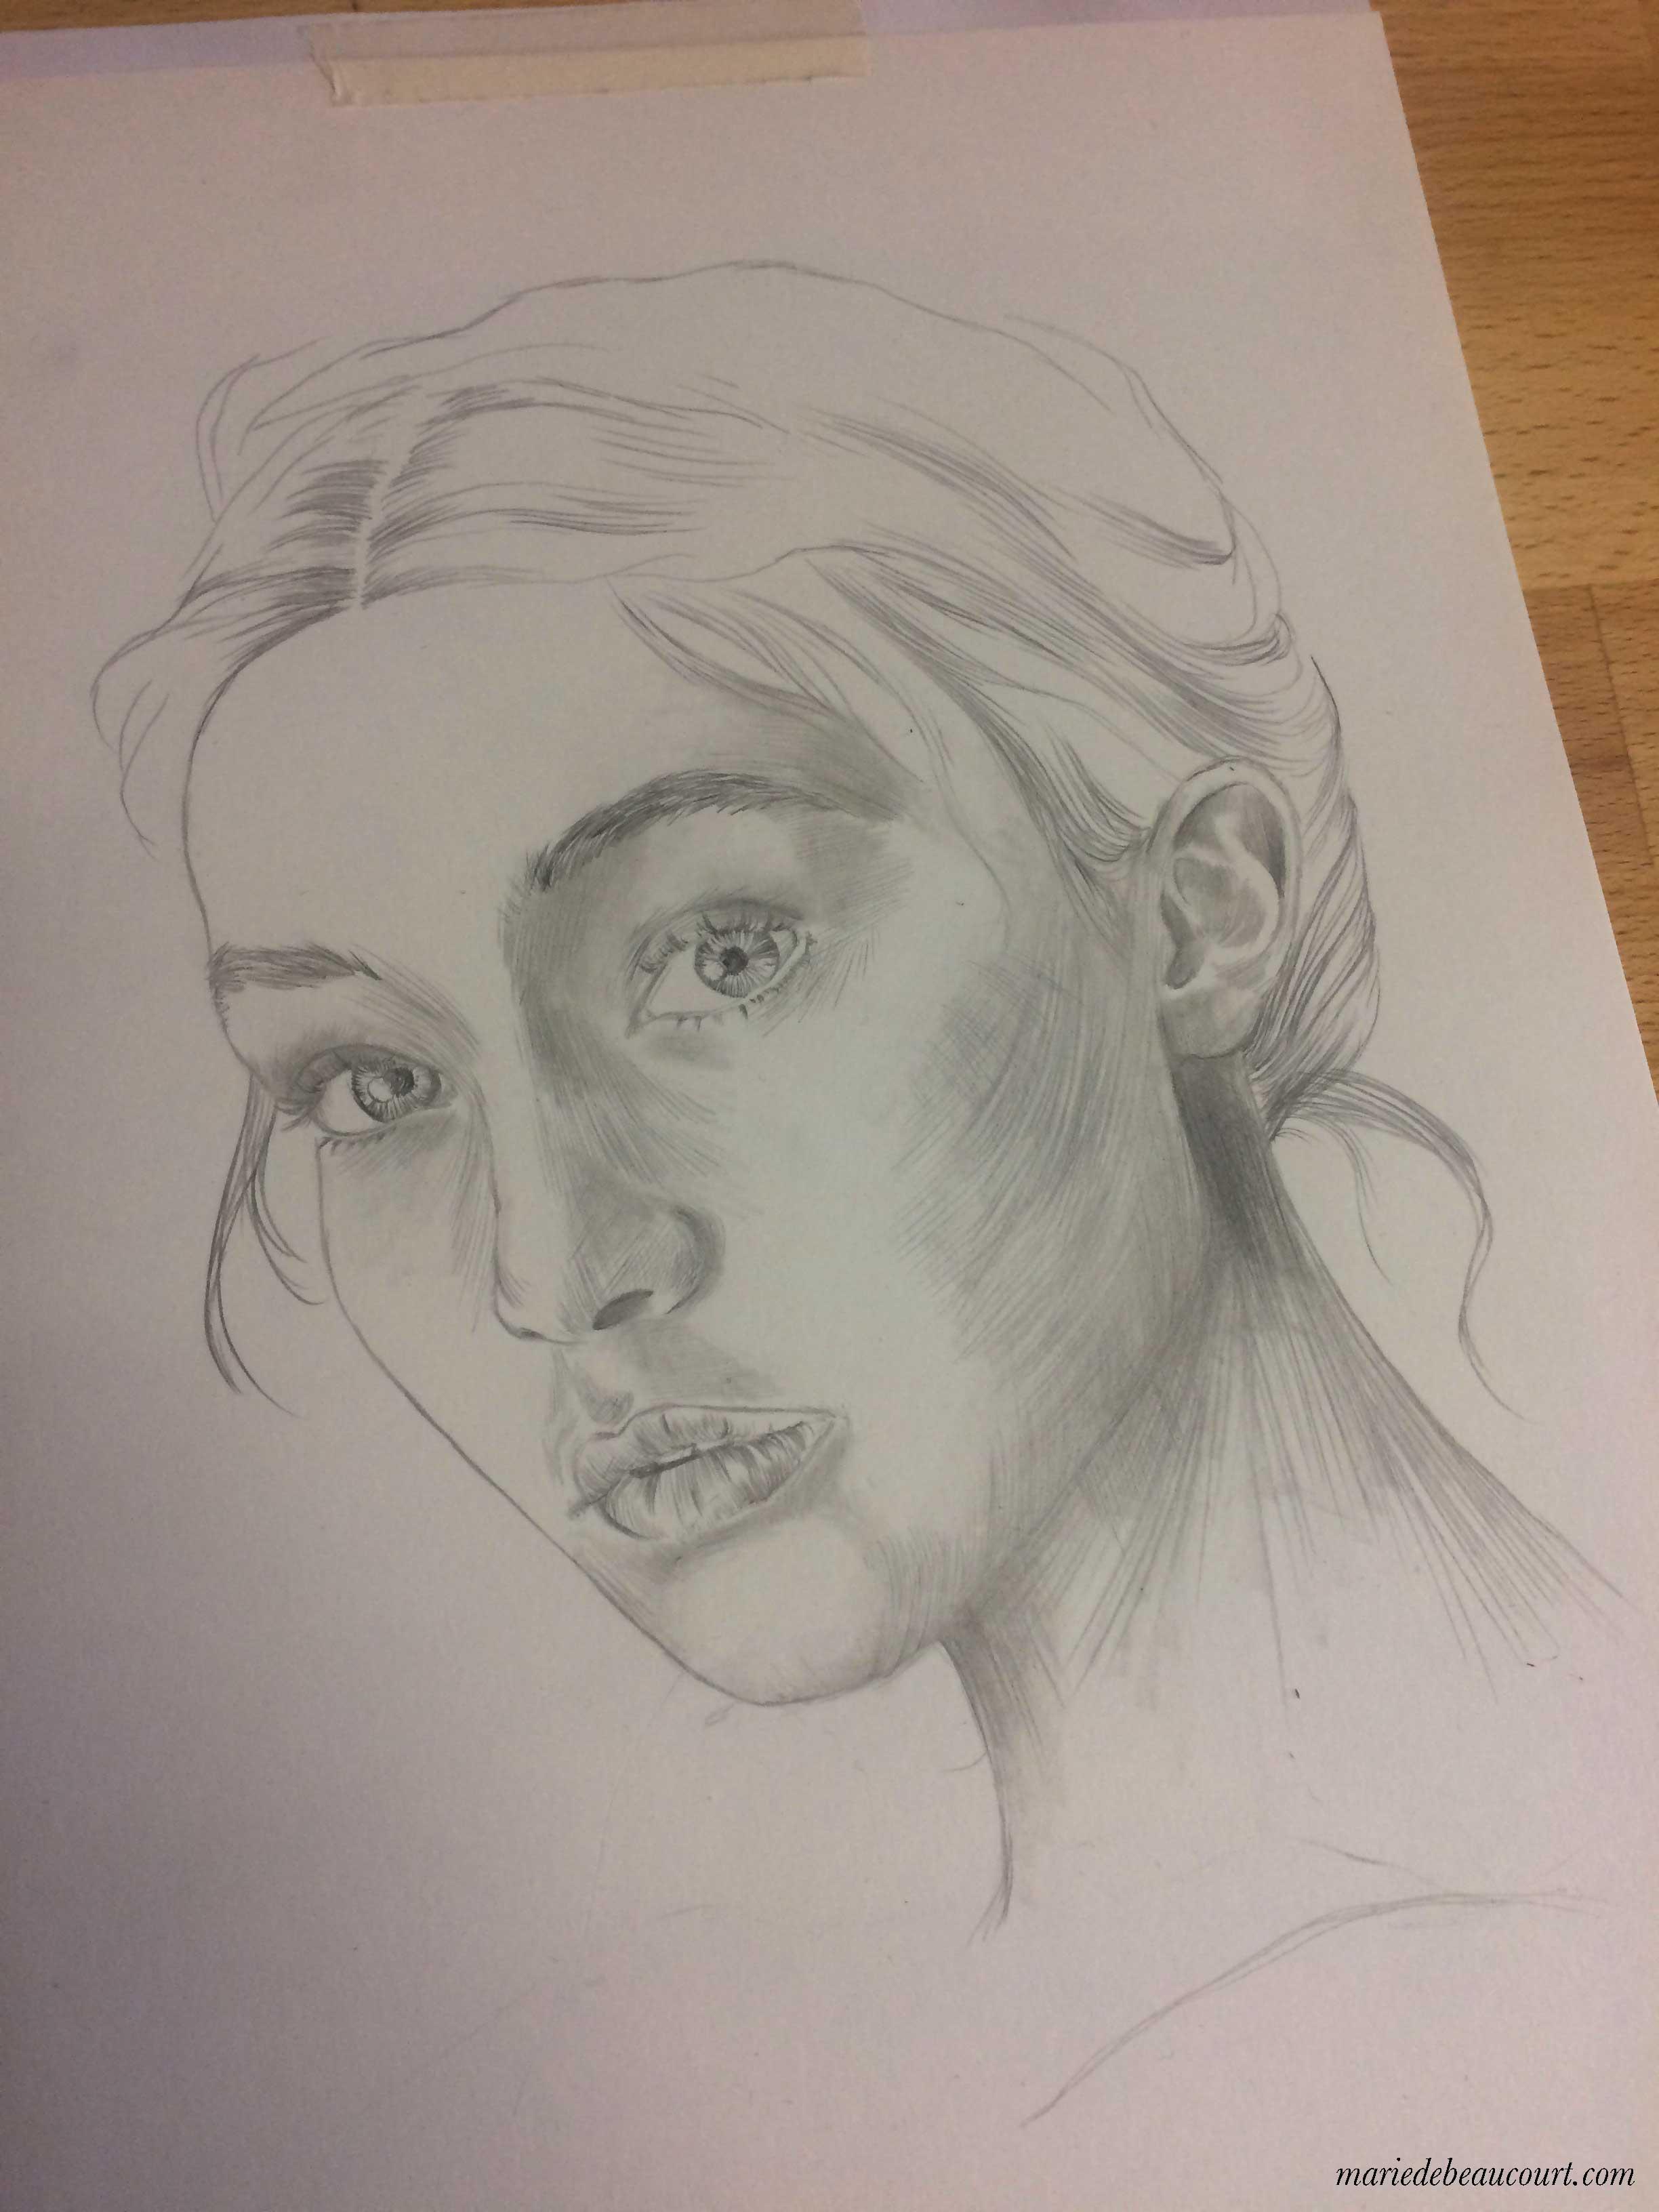 marie-de-beaucourt-portraits-hadid-work-in-progress1.jpg